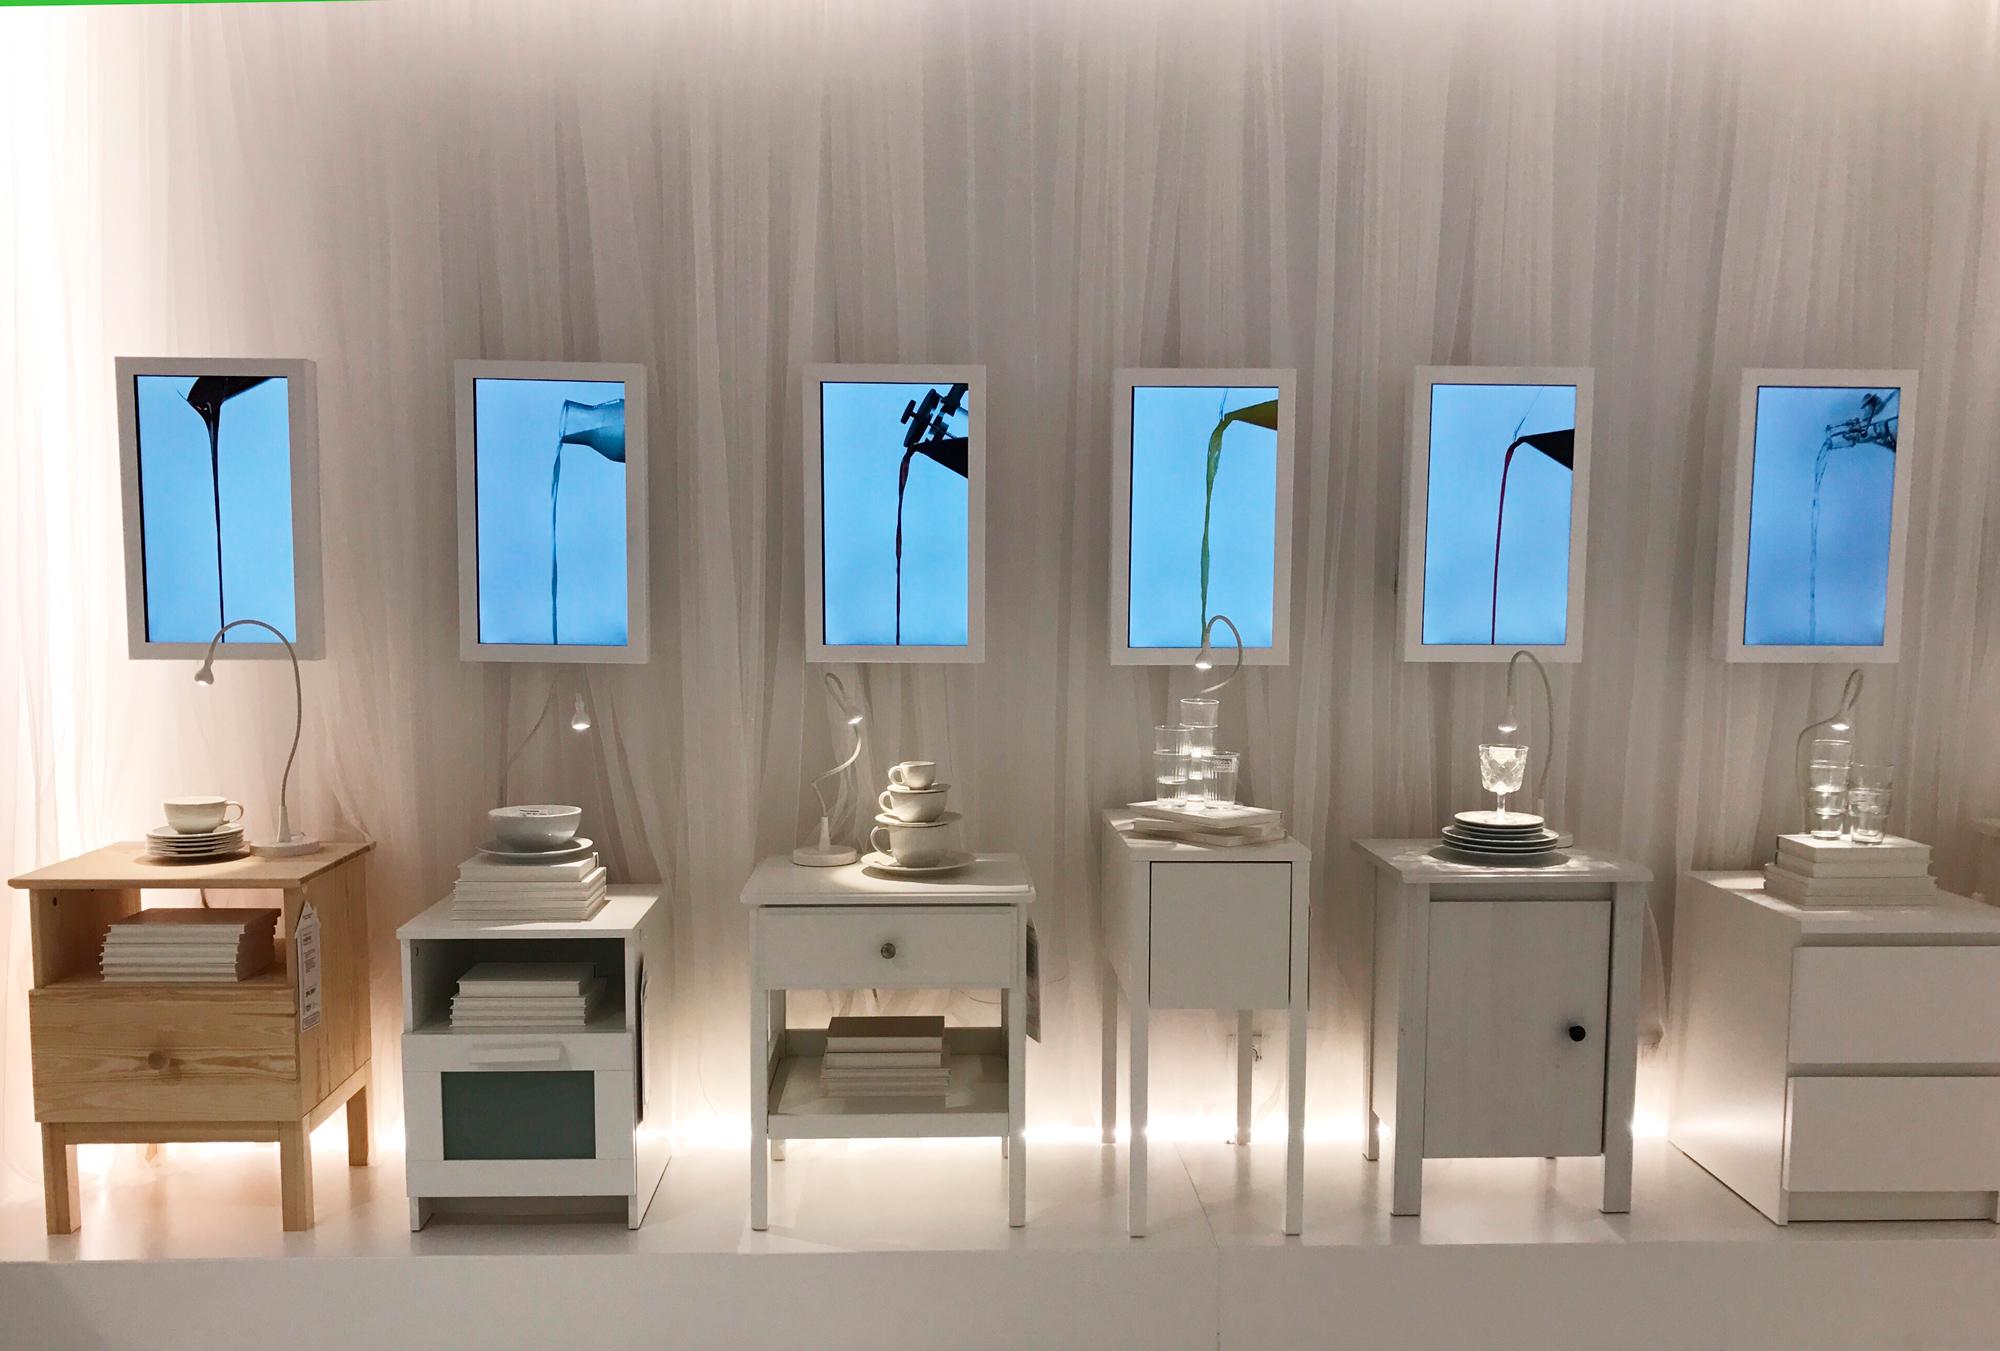 Ikea abre en madrid una tienda ef mera dedicada al dormitorio - Fotos dormitorios ikea ...